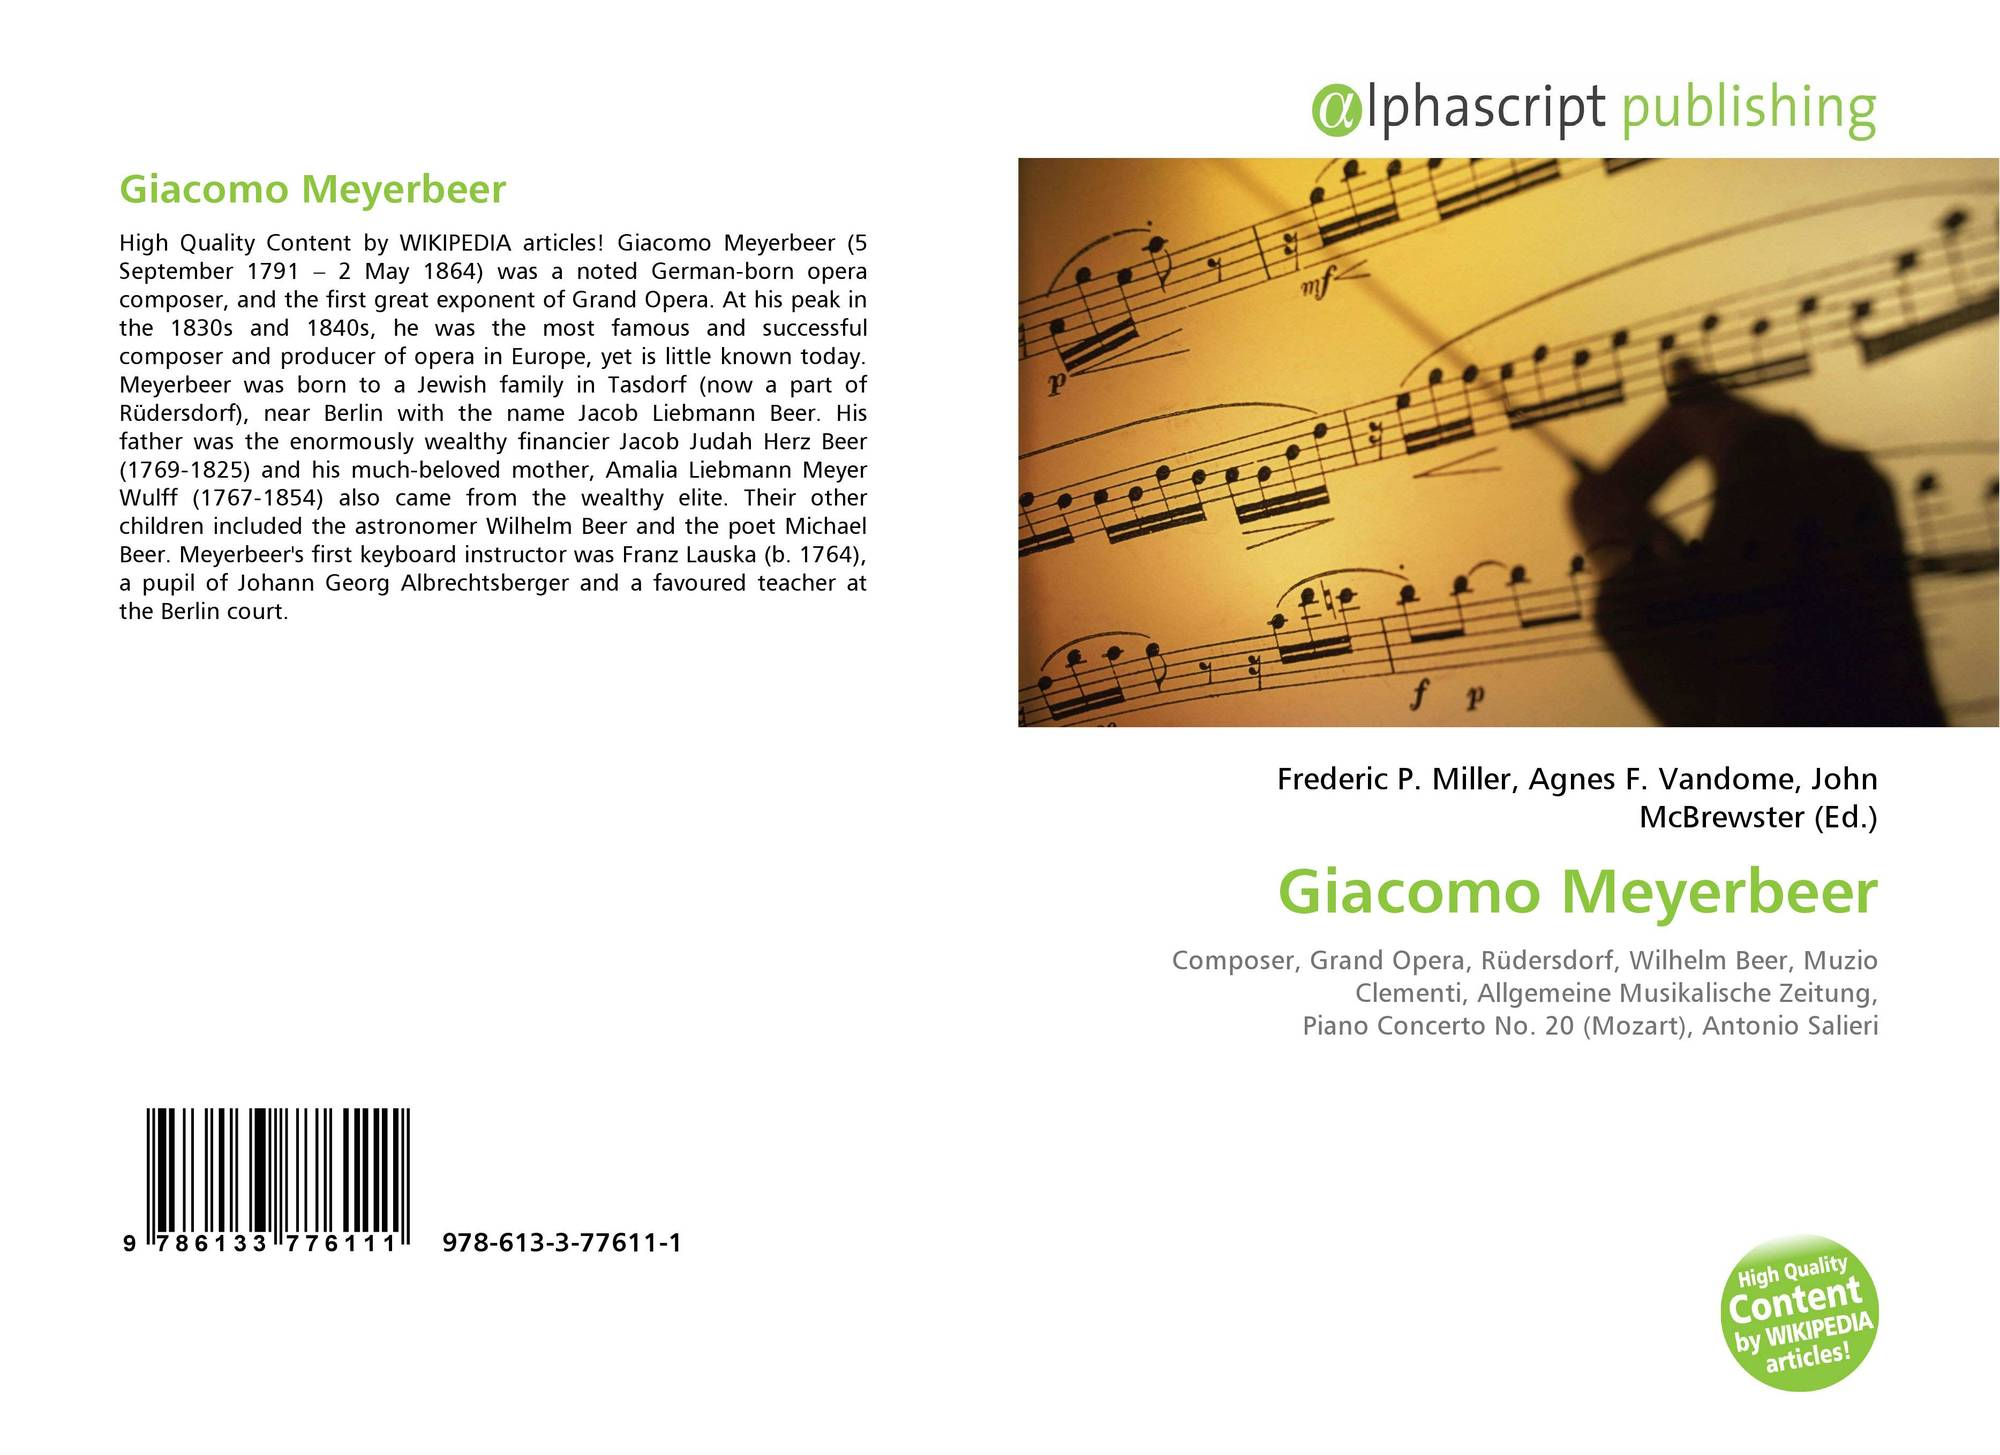 Giacomo Meyerbeer, 978.